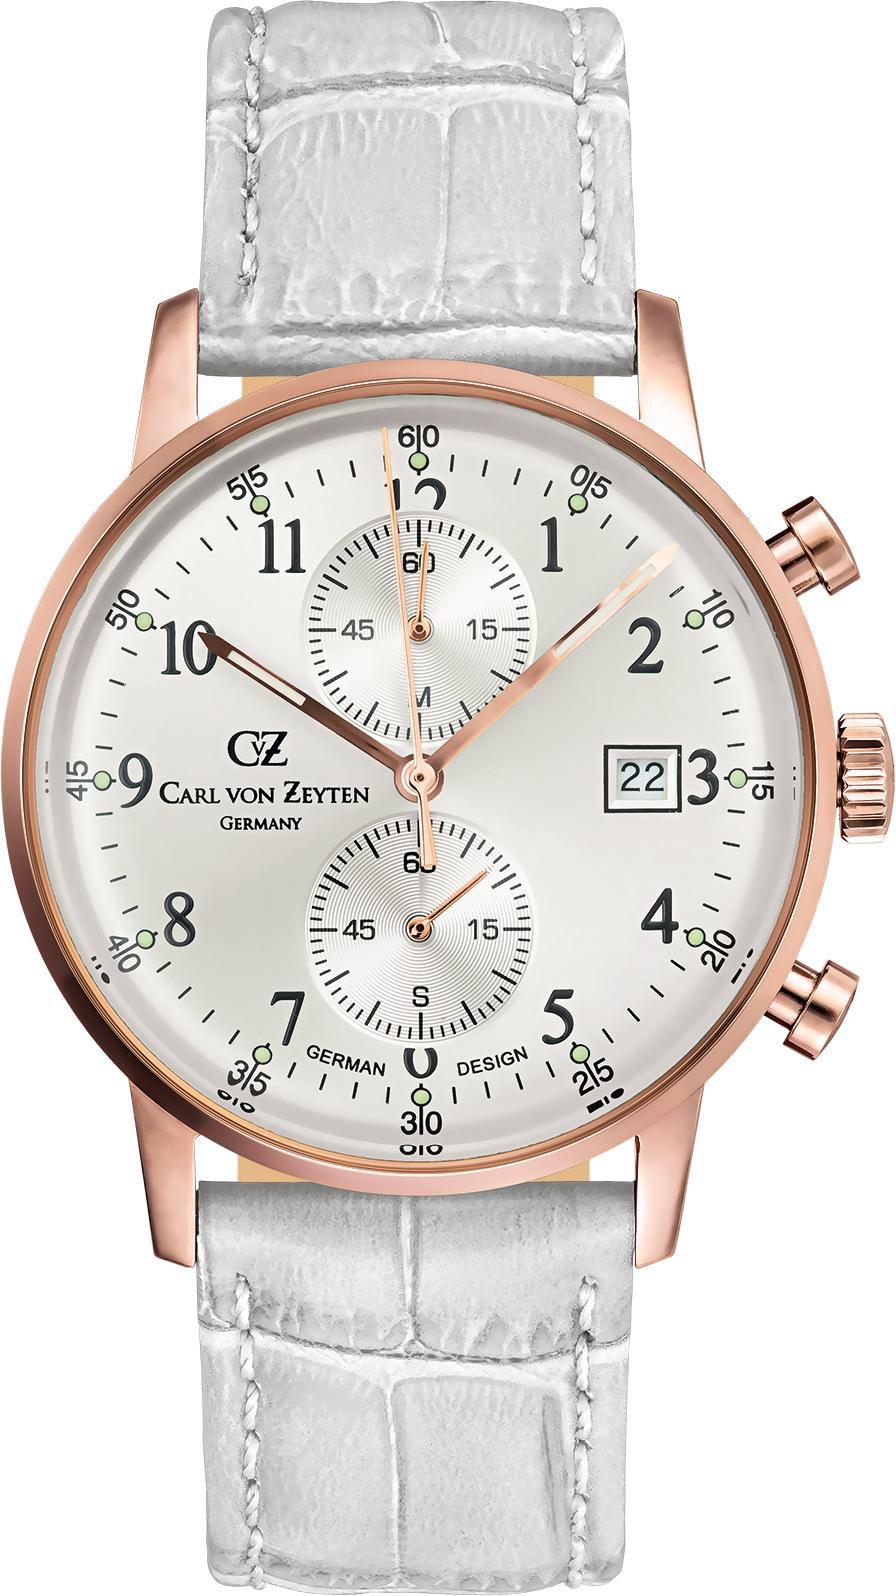 CARL VON ZEYTEN Carl von Zeyten Chronograph »Todtnau CVZ0012RSL«